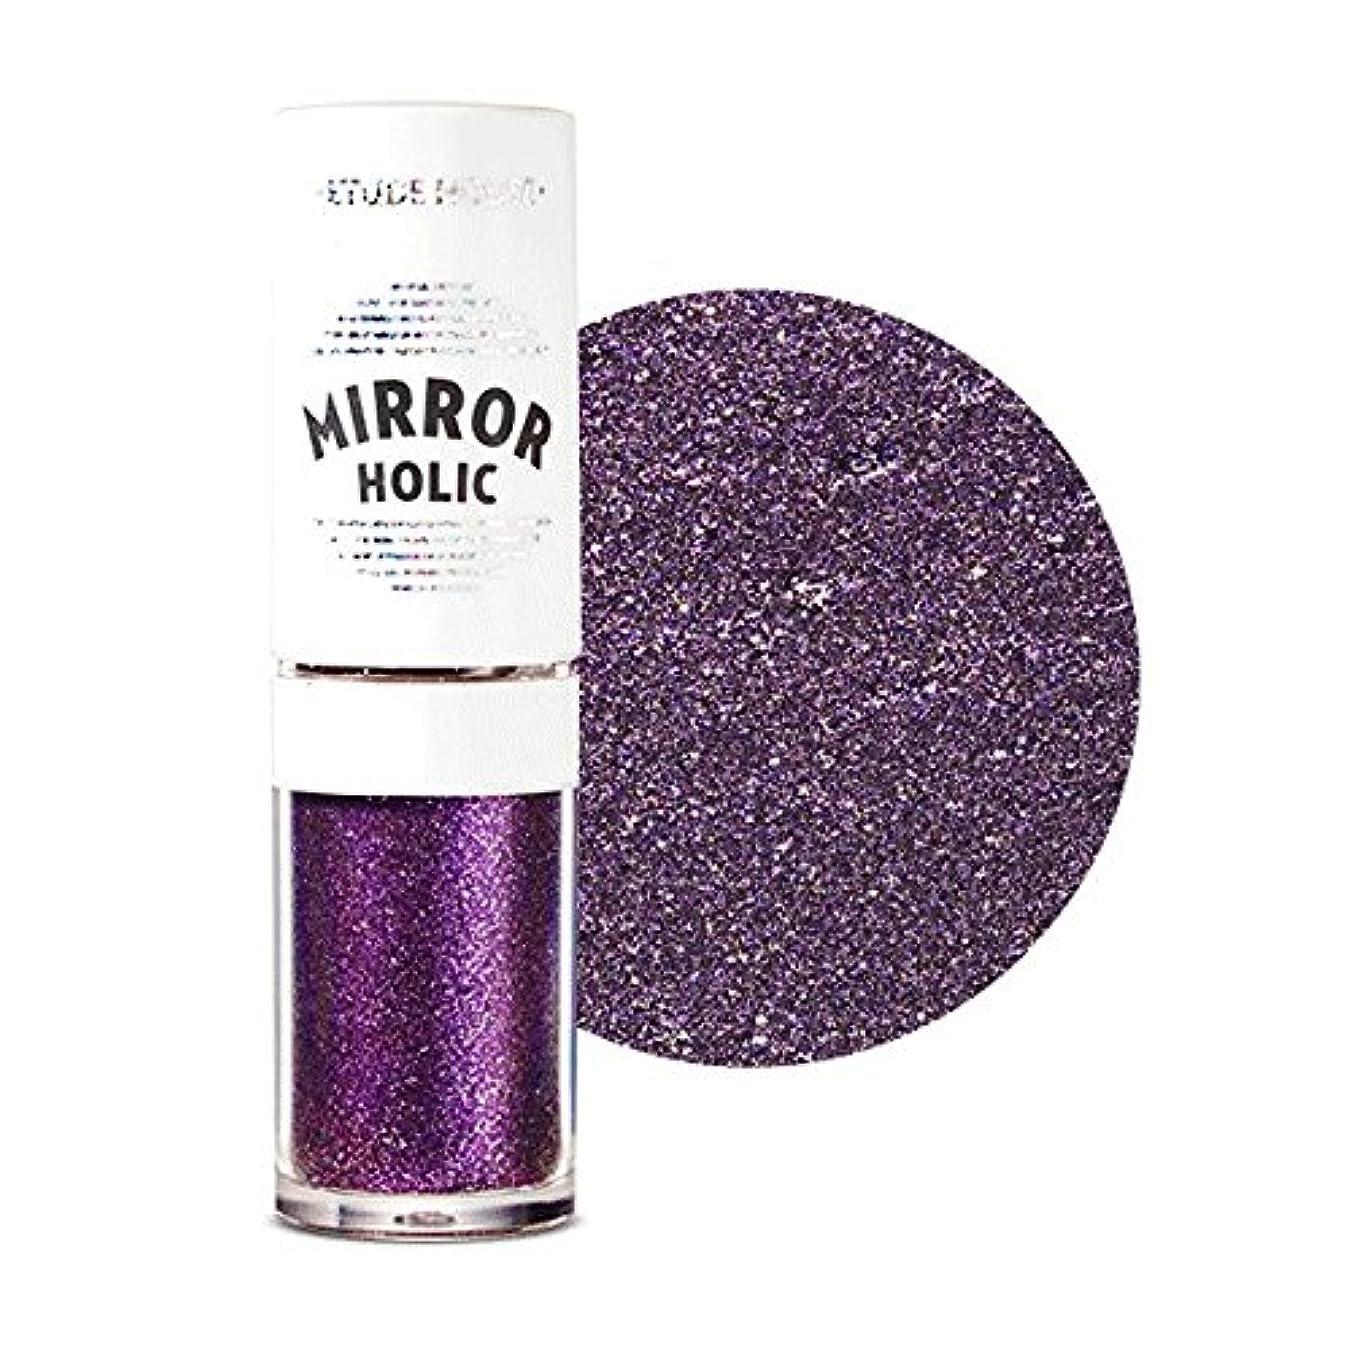 焦がす韓国語気怠いETUDE HOUSE Mirror Holic Liquid Eyes / エチュードハウス ミラーホリックリキッドアイズ ミラーホリックリキッドアイズ (PP501) [並行輸入品]